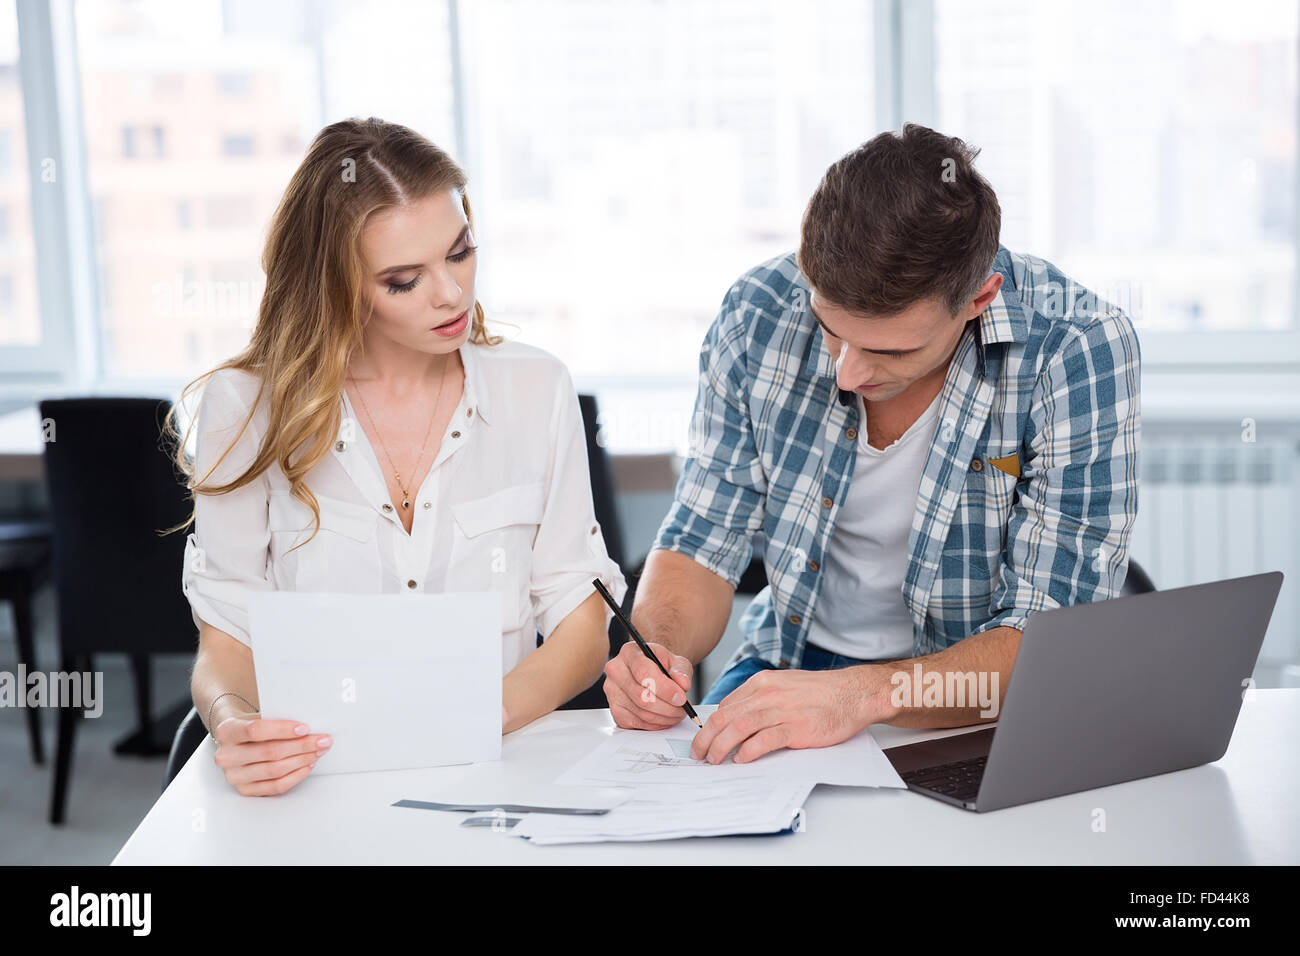 Pensativo concentrado mujer y hombre de trabajo y discutir el proyecto y utilizar el portátil en la oficina Imagen De Stock